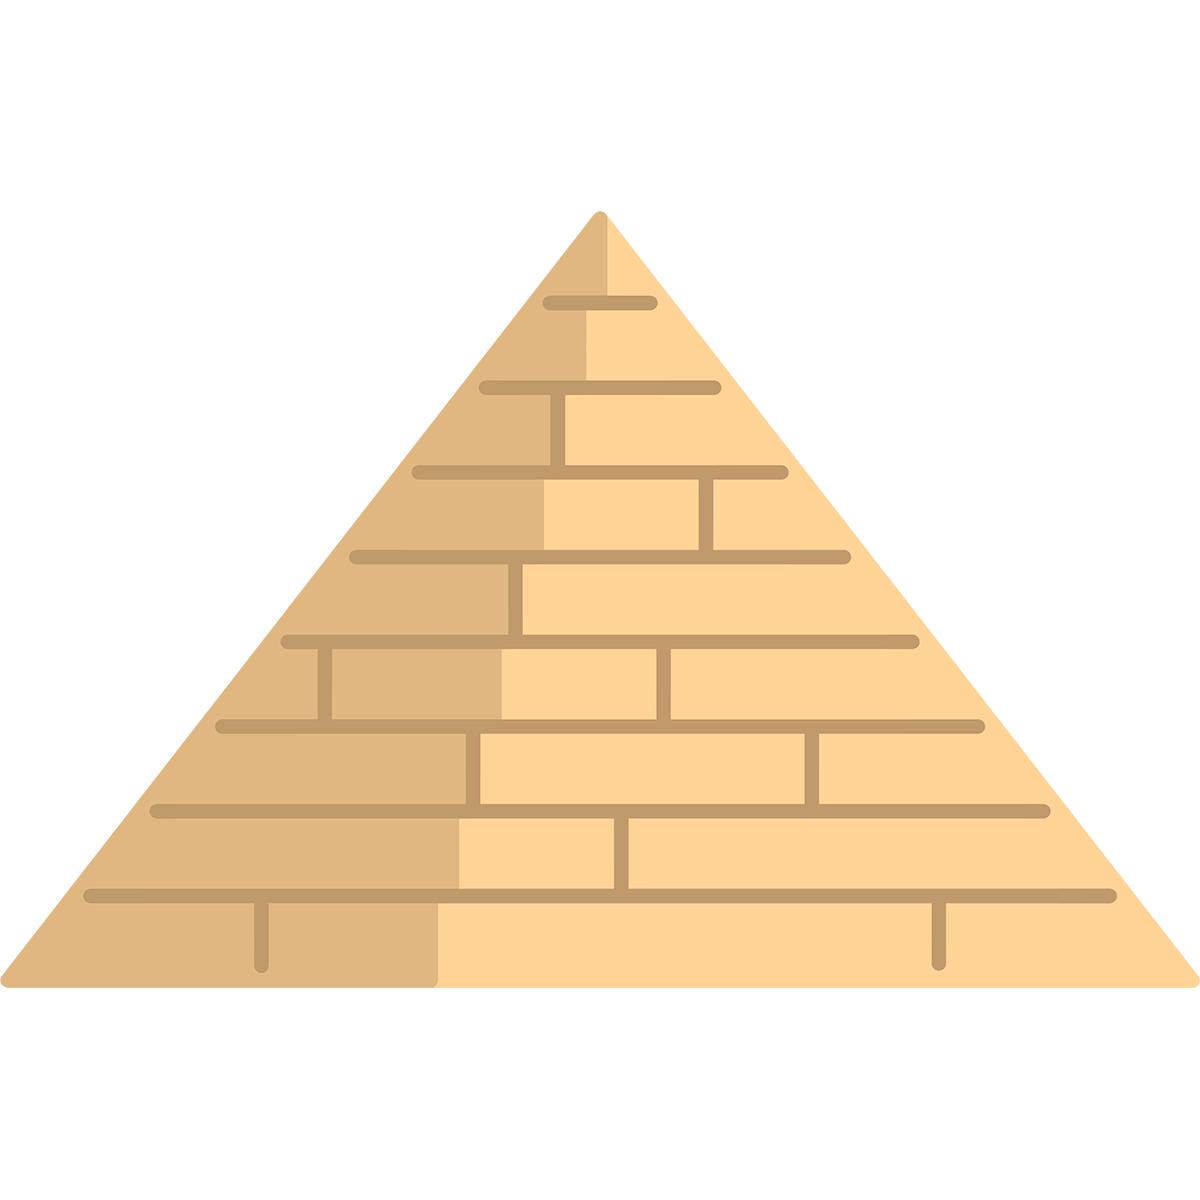 ピラミッドの無料イラスト